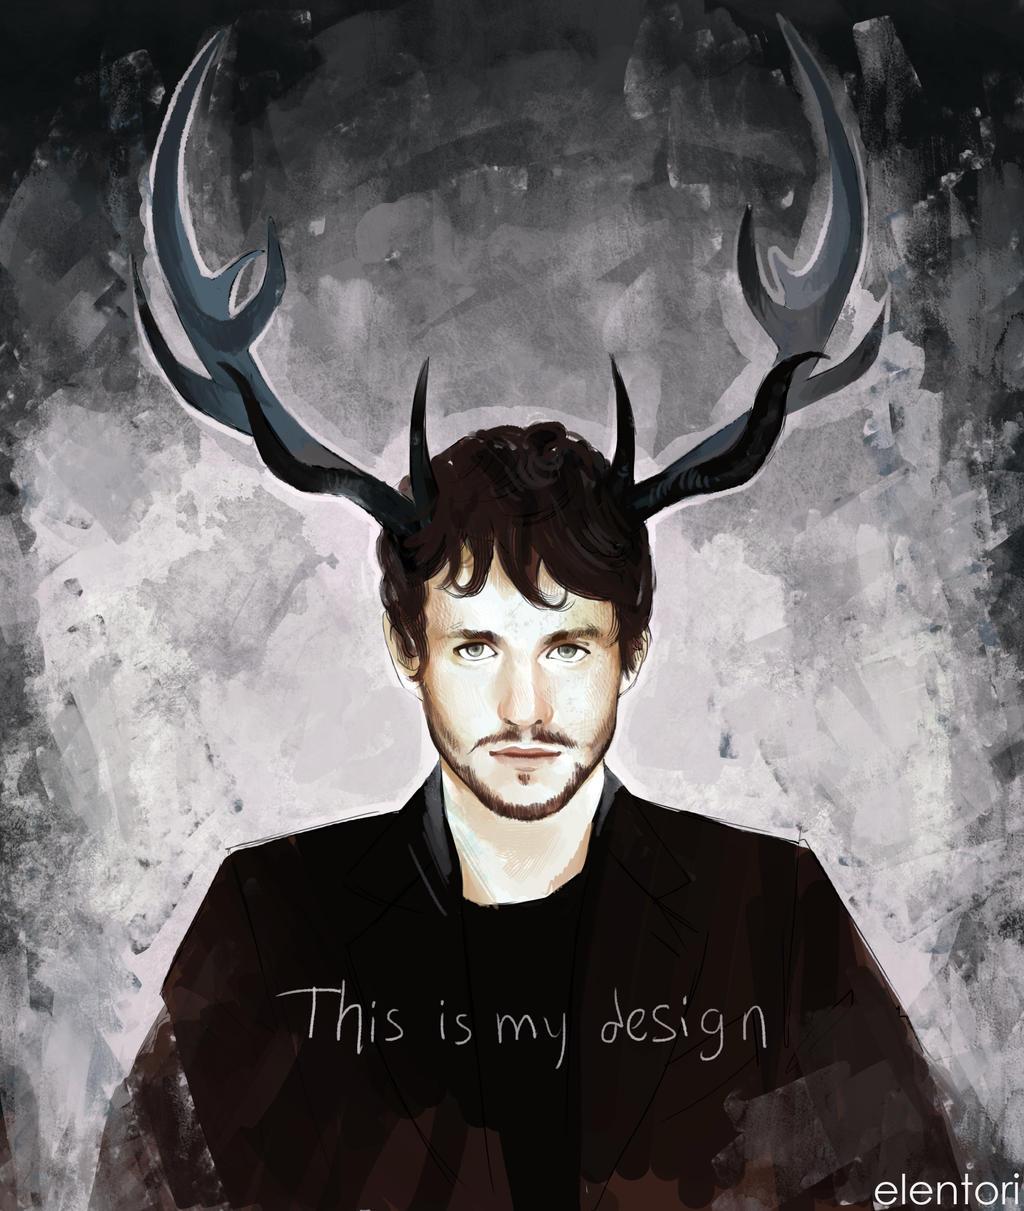 This is My Design by Elentori on DeviantArt